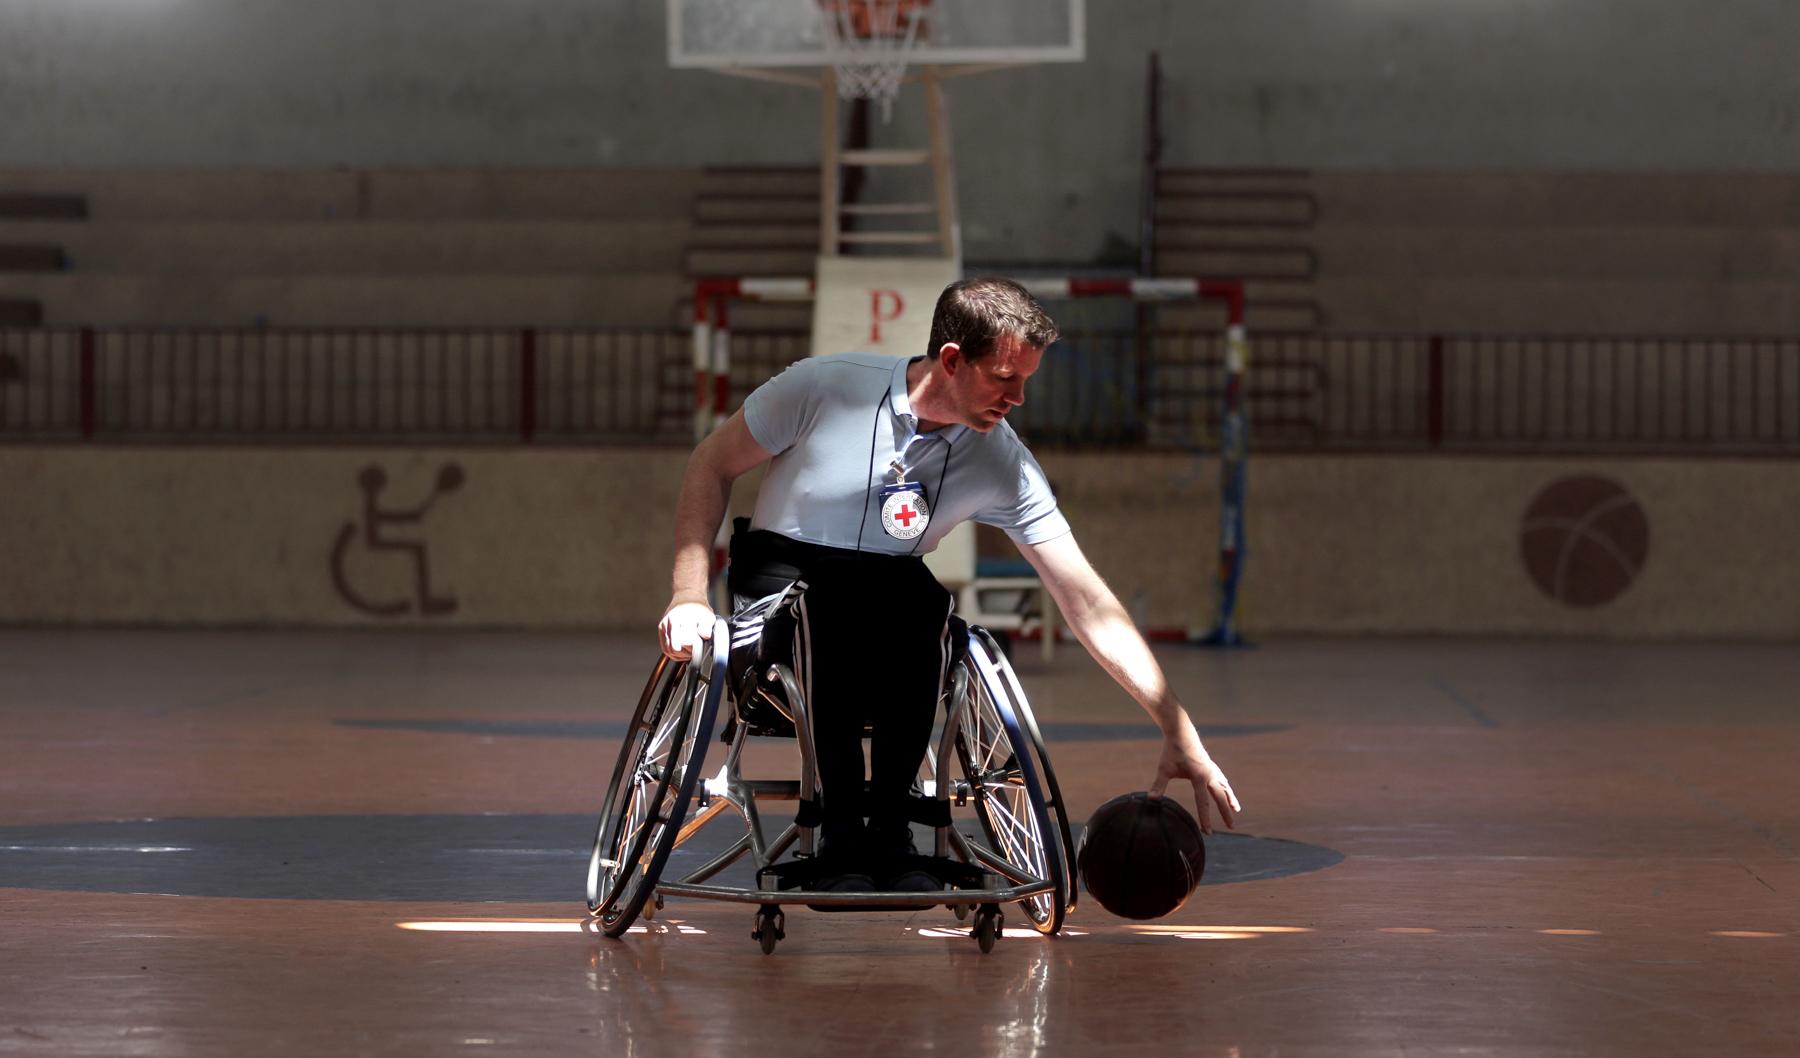 Un homme en fauteuil roulant, sur un terrain de basket, en train de faire rebondir un ballon (© AP Images)